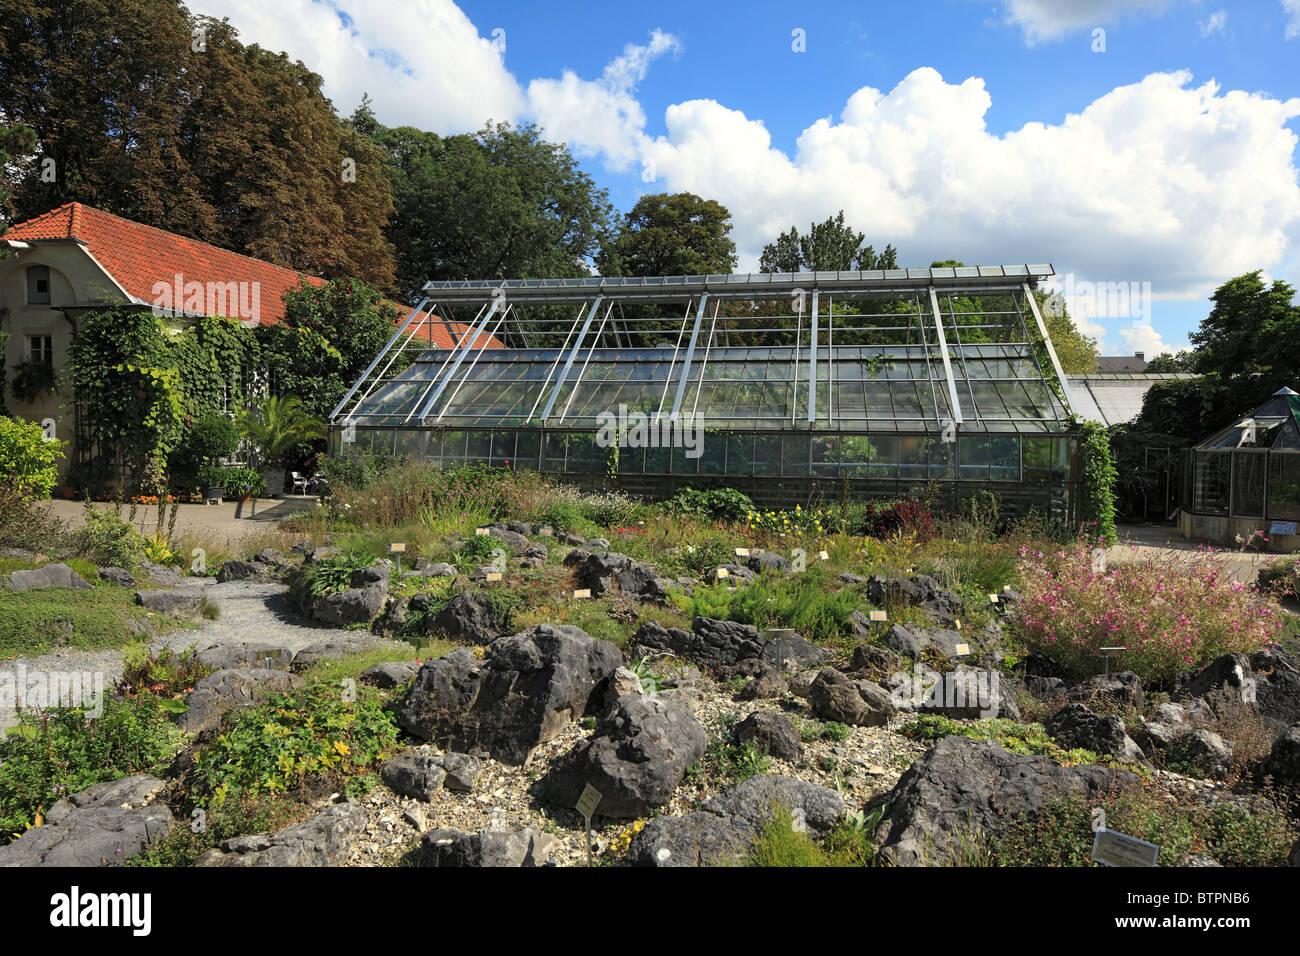 Botanischer Garten der Universitaet im Schlossgarten von Muenster, Westfalen, Nordrhein-Westfalen - Stock Image